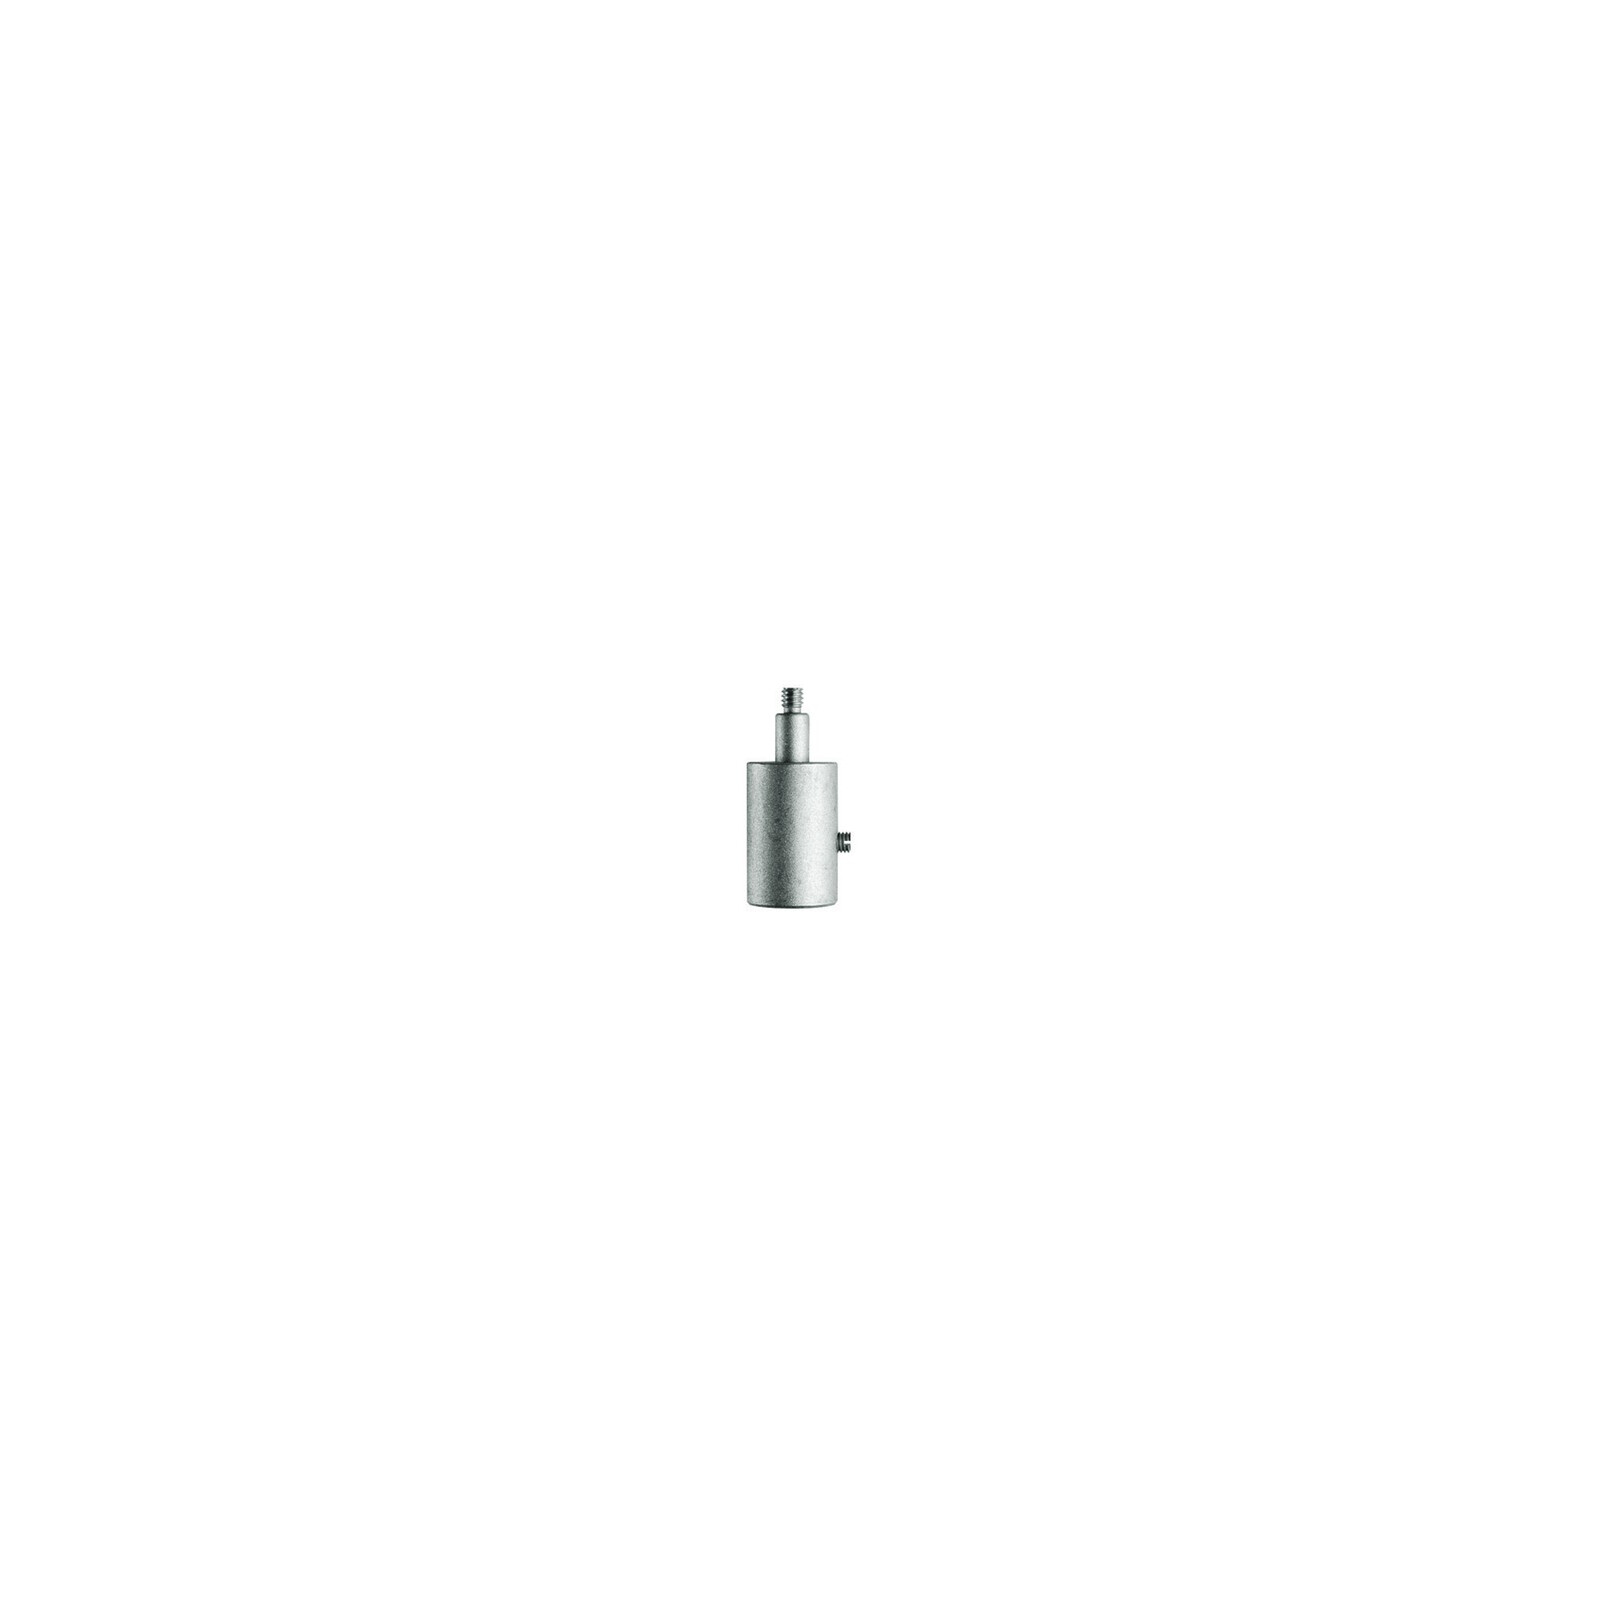 Manfrotto 194 Adapter 5/8'' für - 3/8'' M - 1/4''